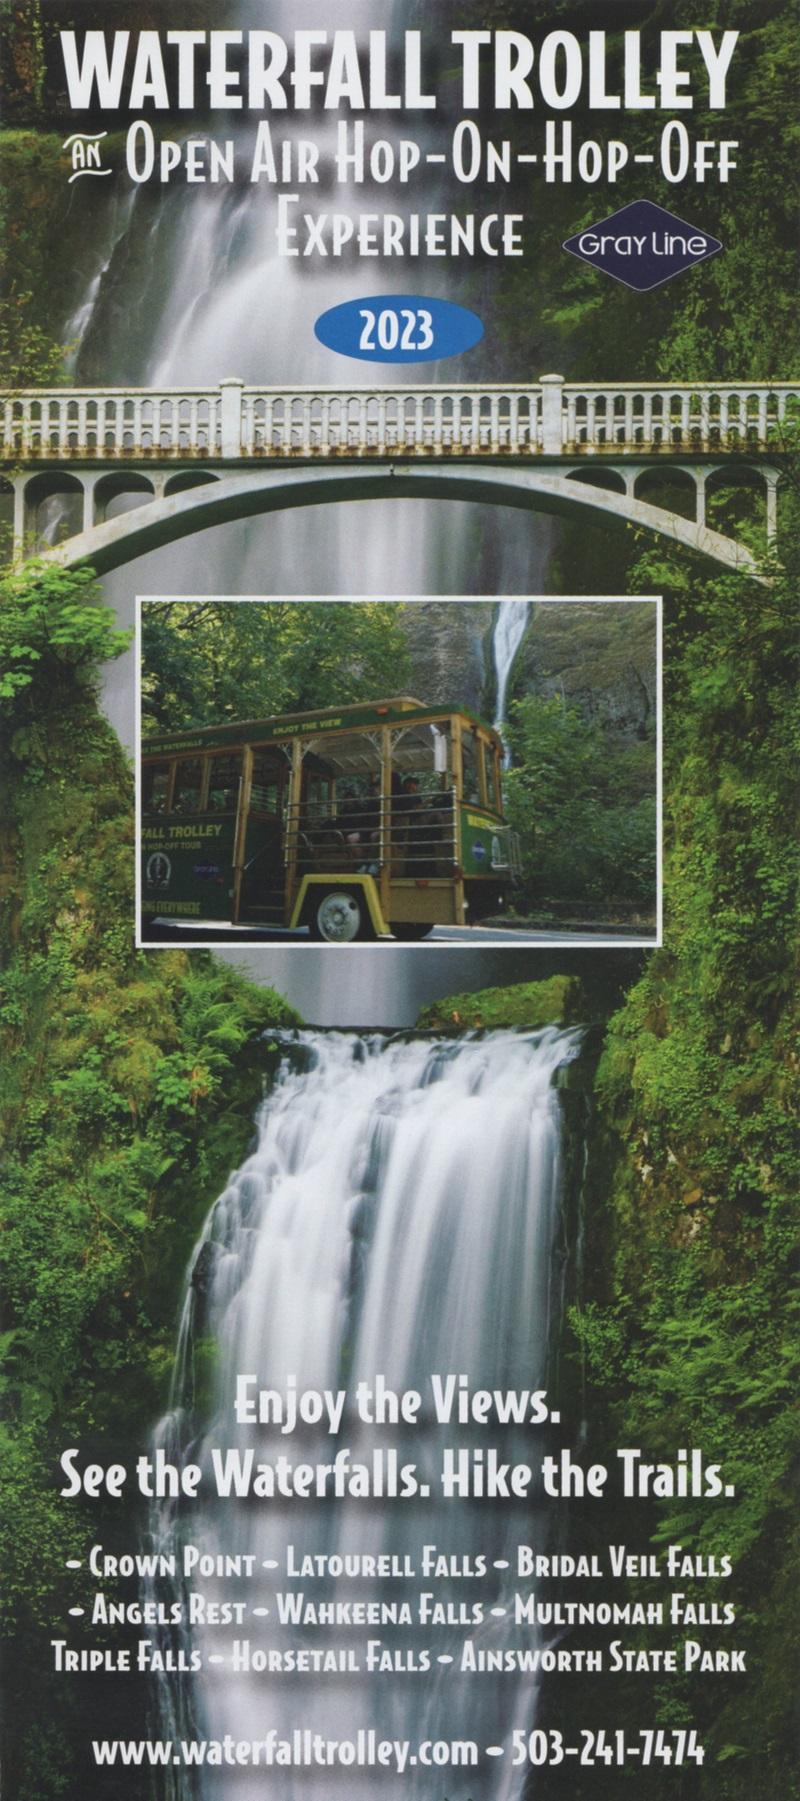 Waterfall Trolley